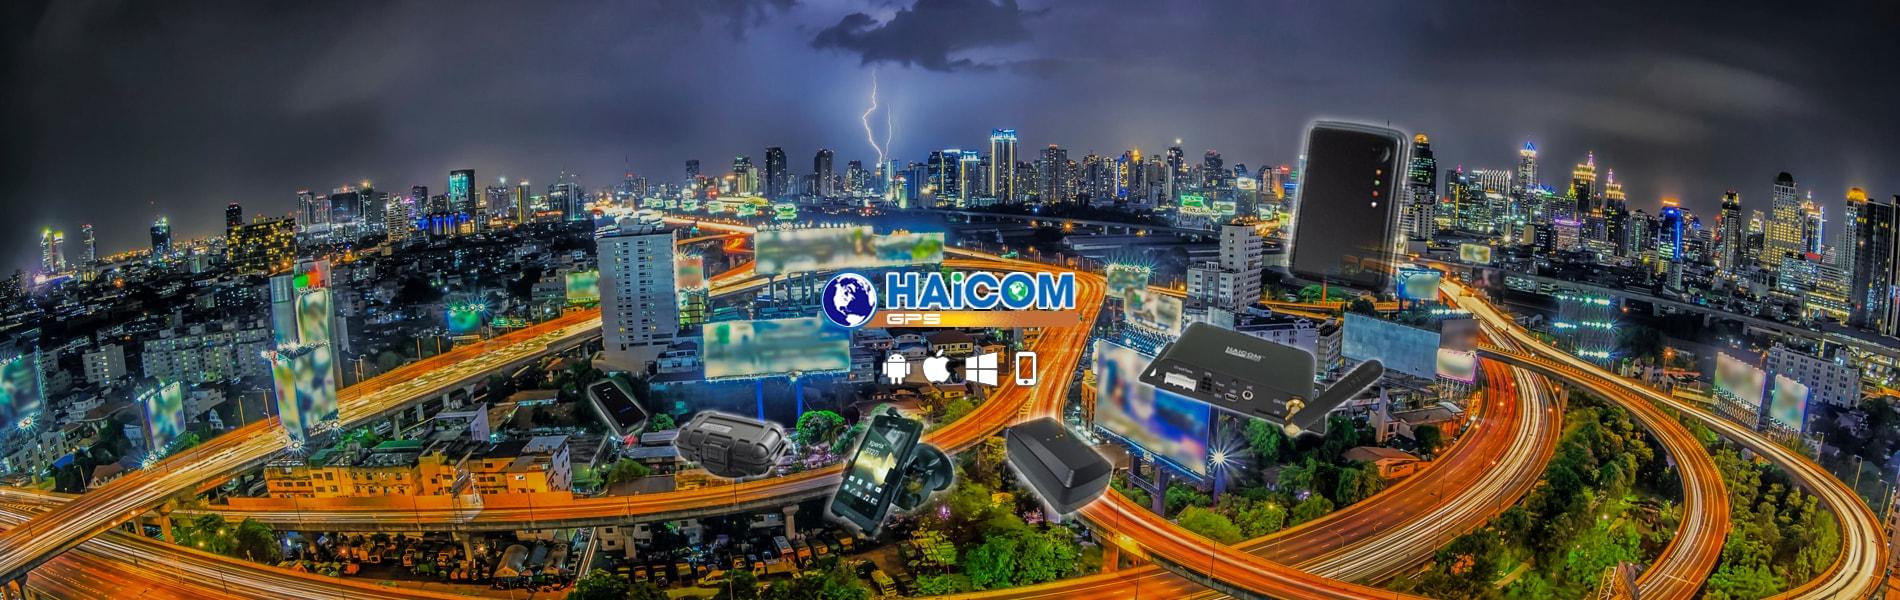 Image 3 - HAICOM GPS - GPS, Localizador, Localizadores, Rastreadores,  Lapas o Balizas, Cajas Estancas, Baterias, Antenas, Plataforma GPRS Gratis, y Sistemas de localizacion GPS Satelital - haicom-gps.com